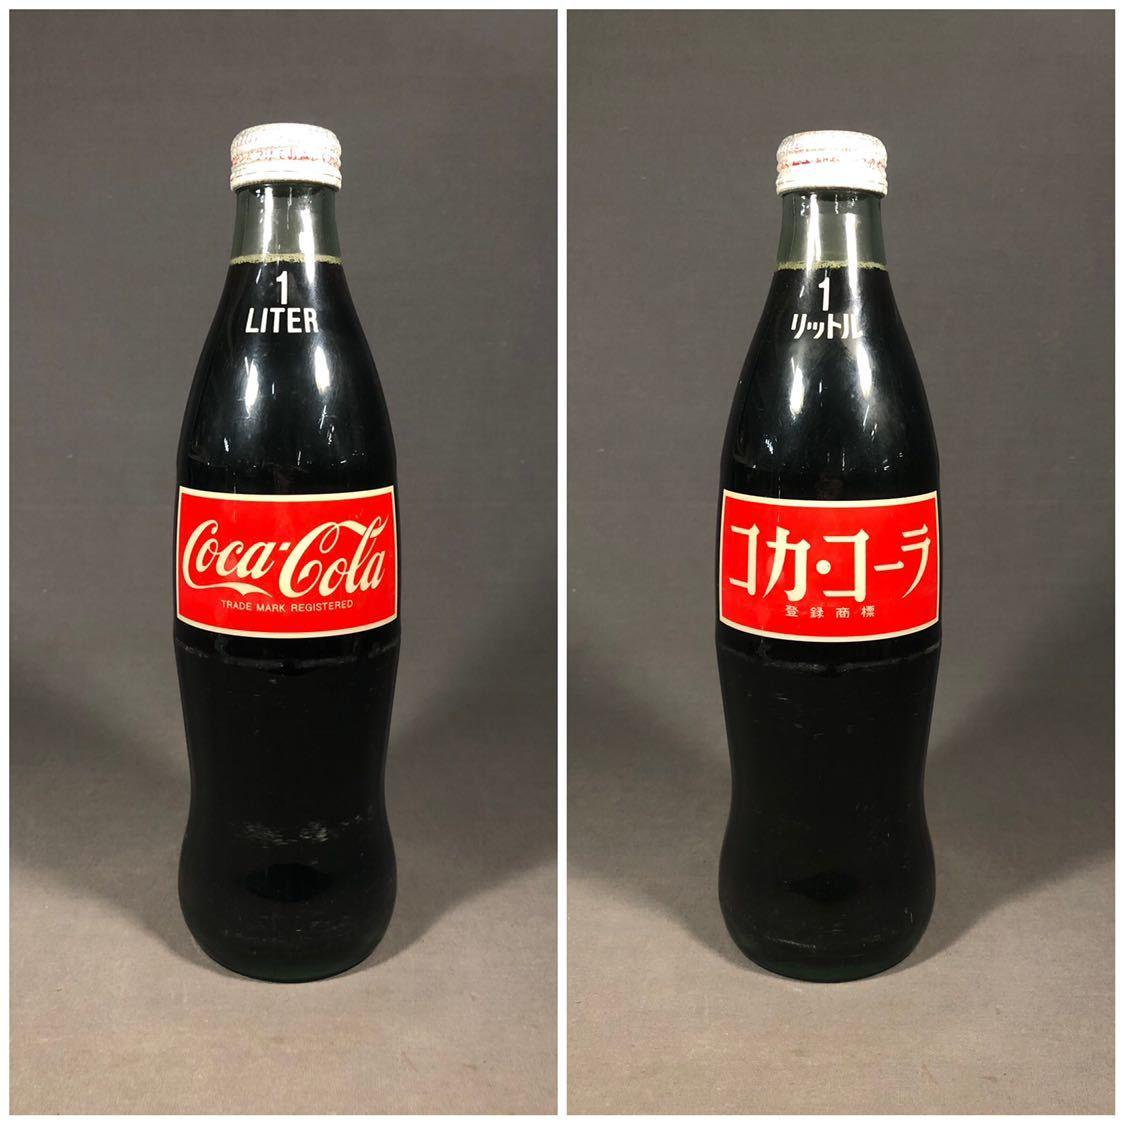 昭和レトロ コカコーラ Coca Cola 1LITER 1リットル 未開封 当時物 ビンテージ アンティーク 瓶 ボトル インテリア 駄菓子屋 飲料水